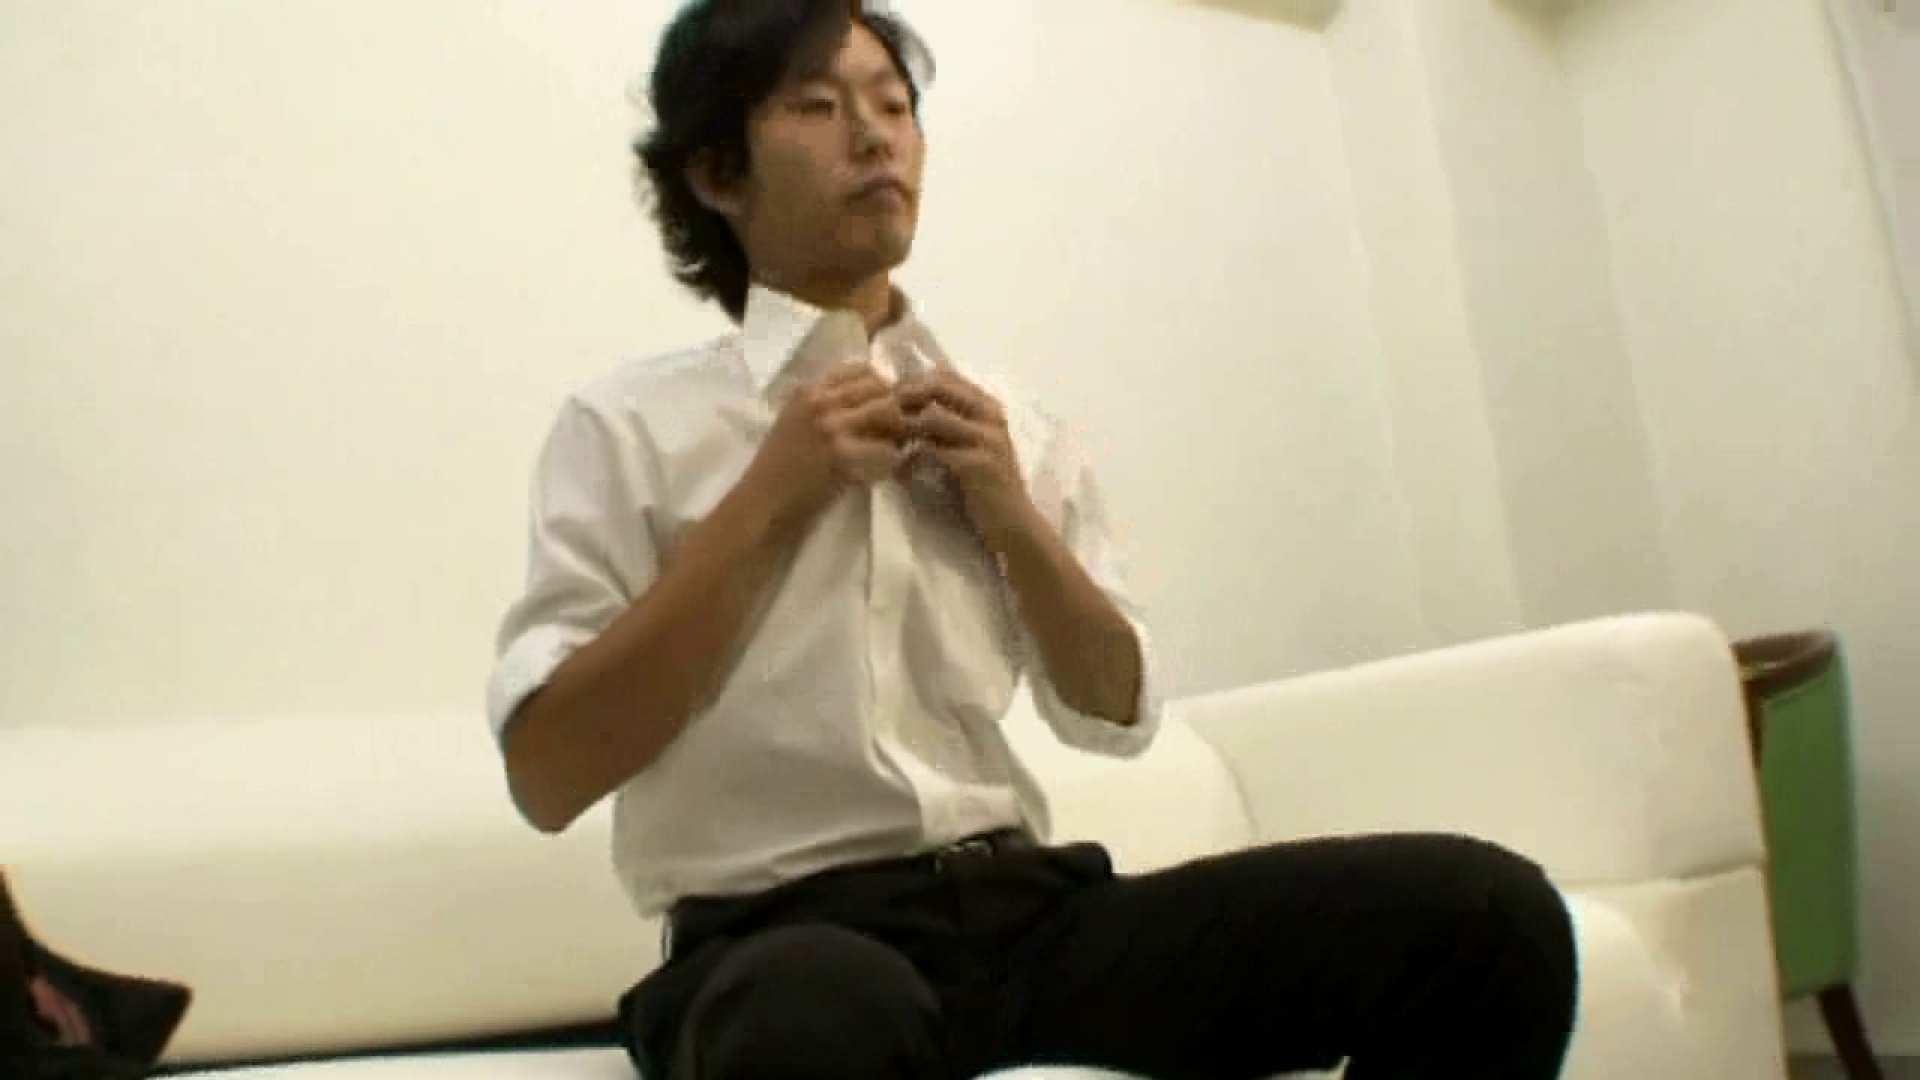 ノンケ!自慰スタジオ No.14 素人 ケツマンスケベ画像 114枚 64